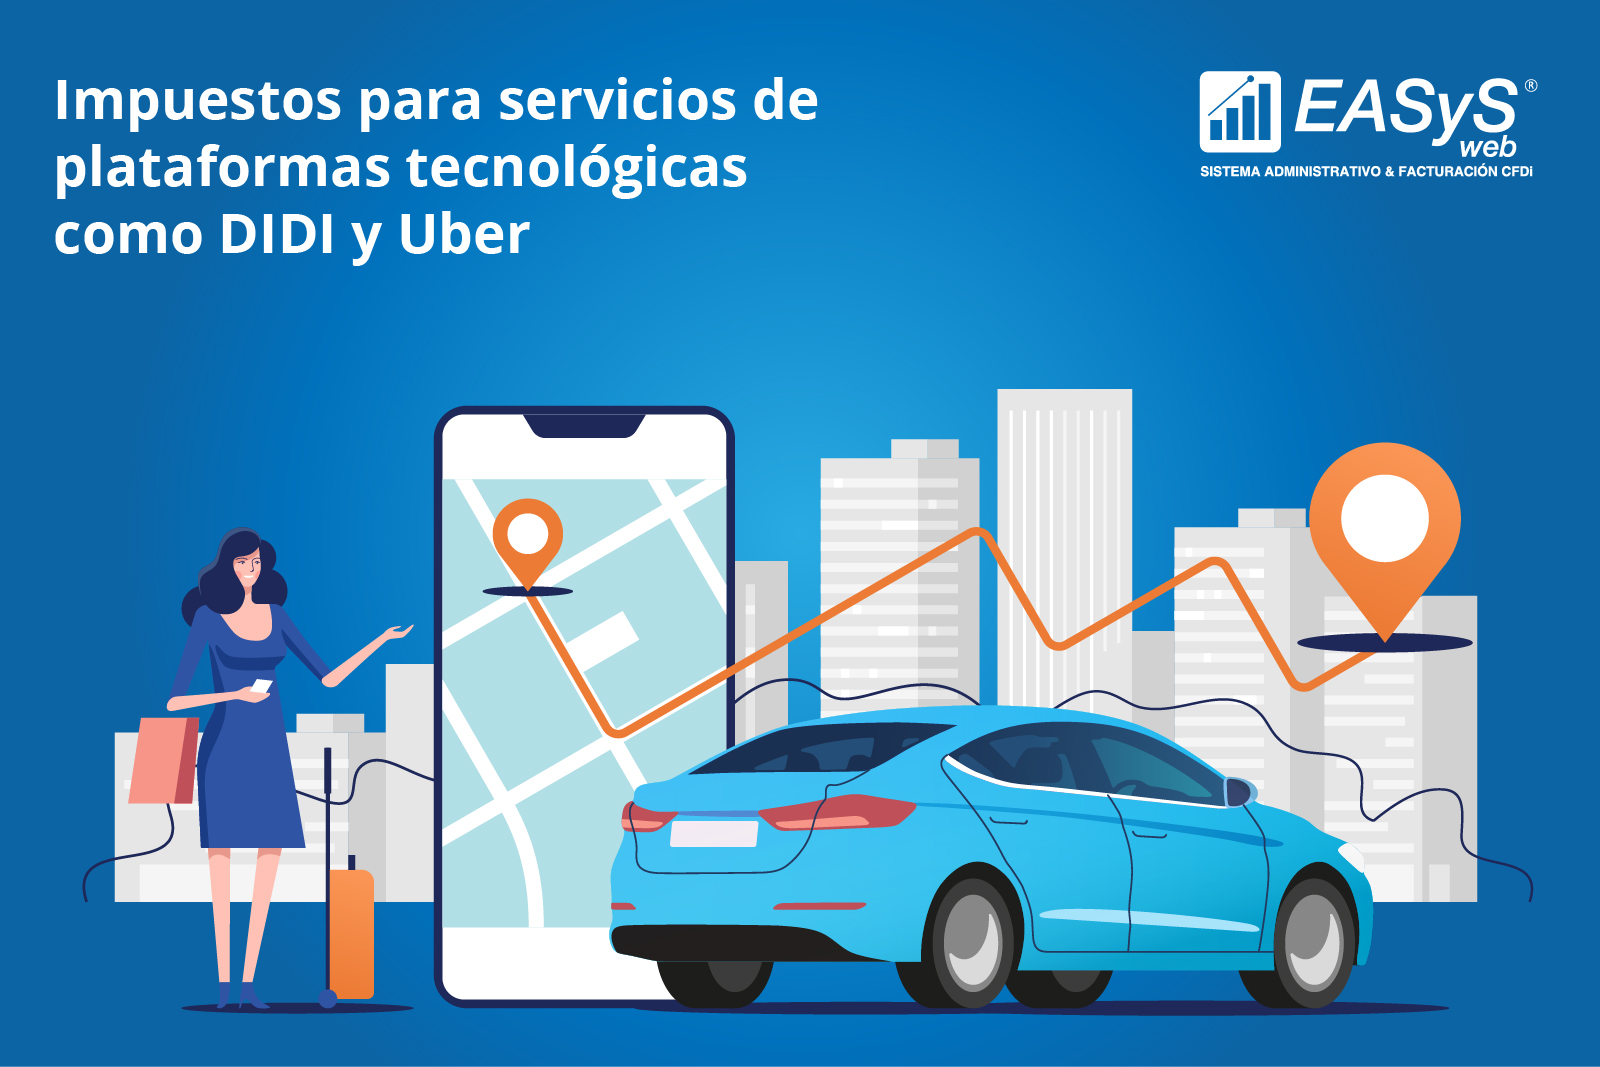 impuestos-servicios-plataformas-tecnologicas